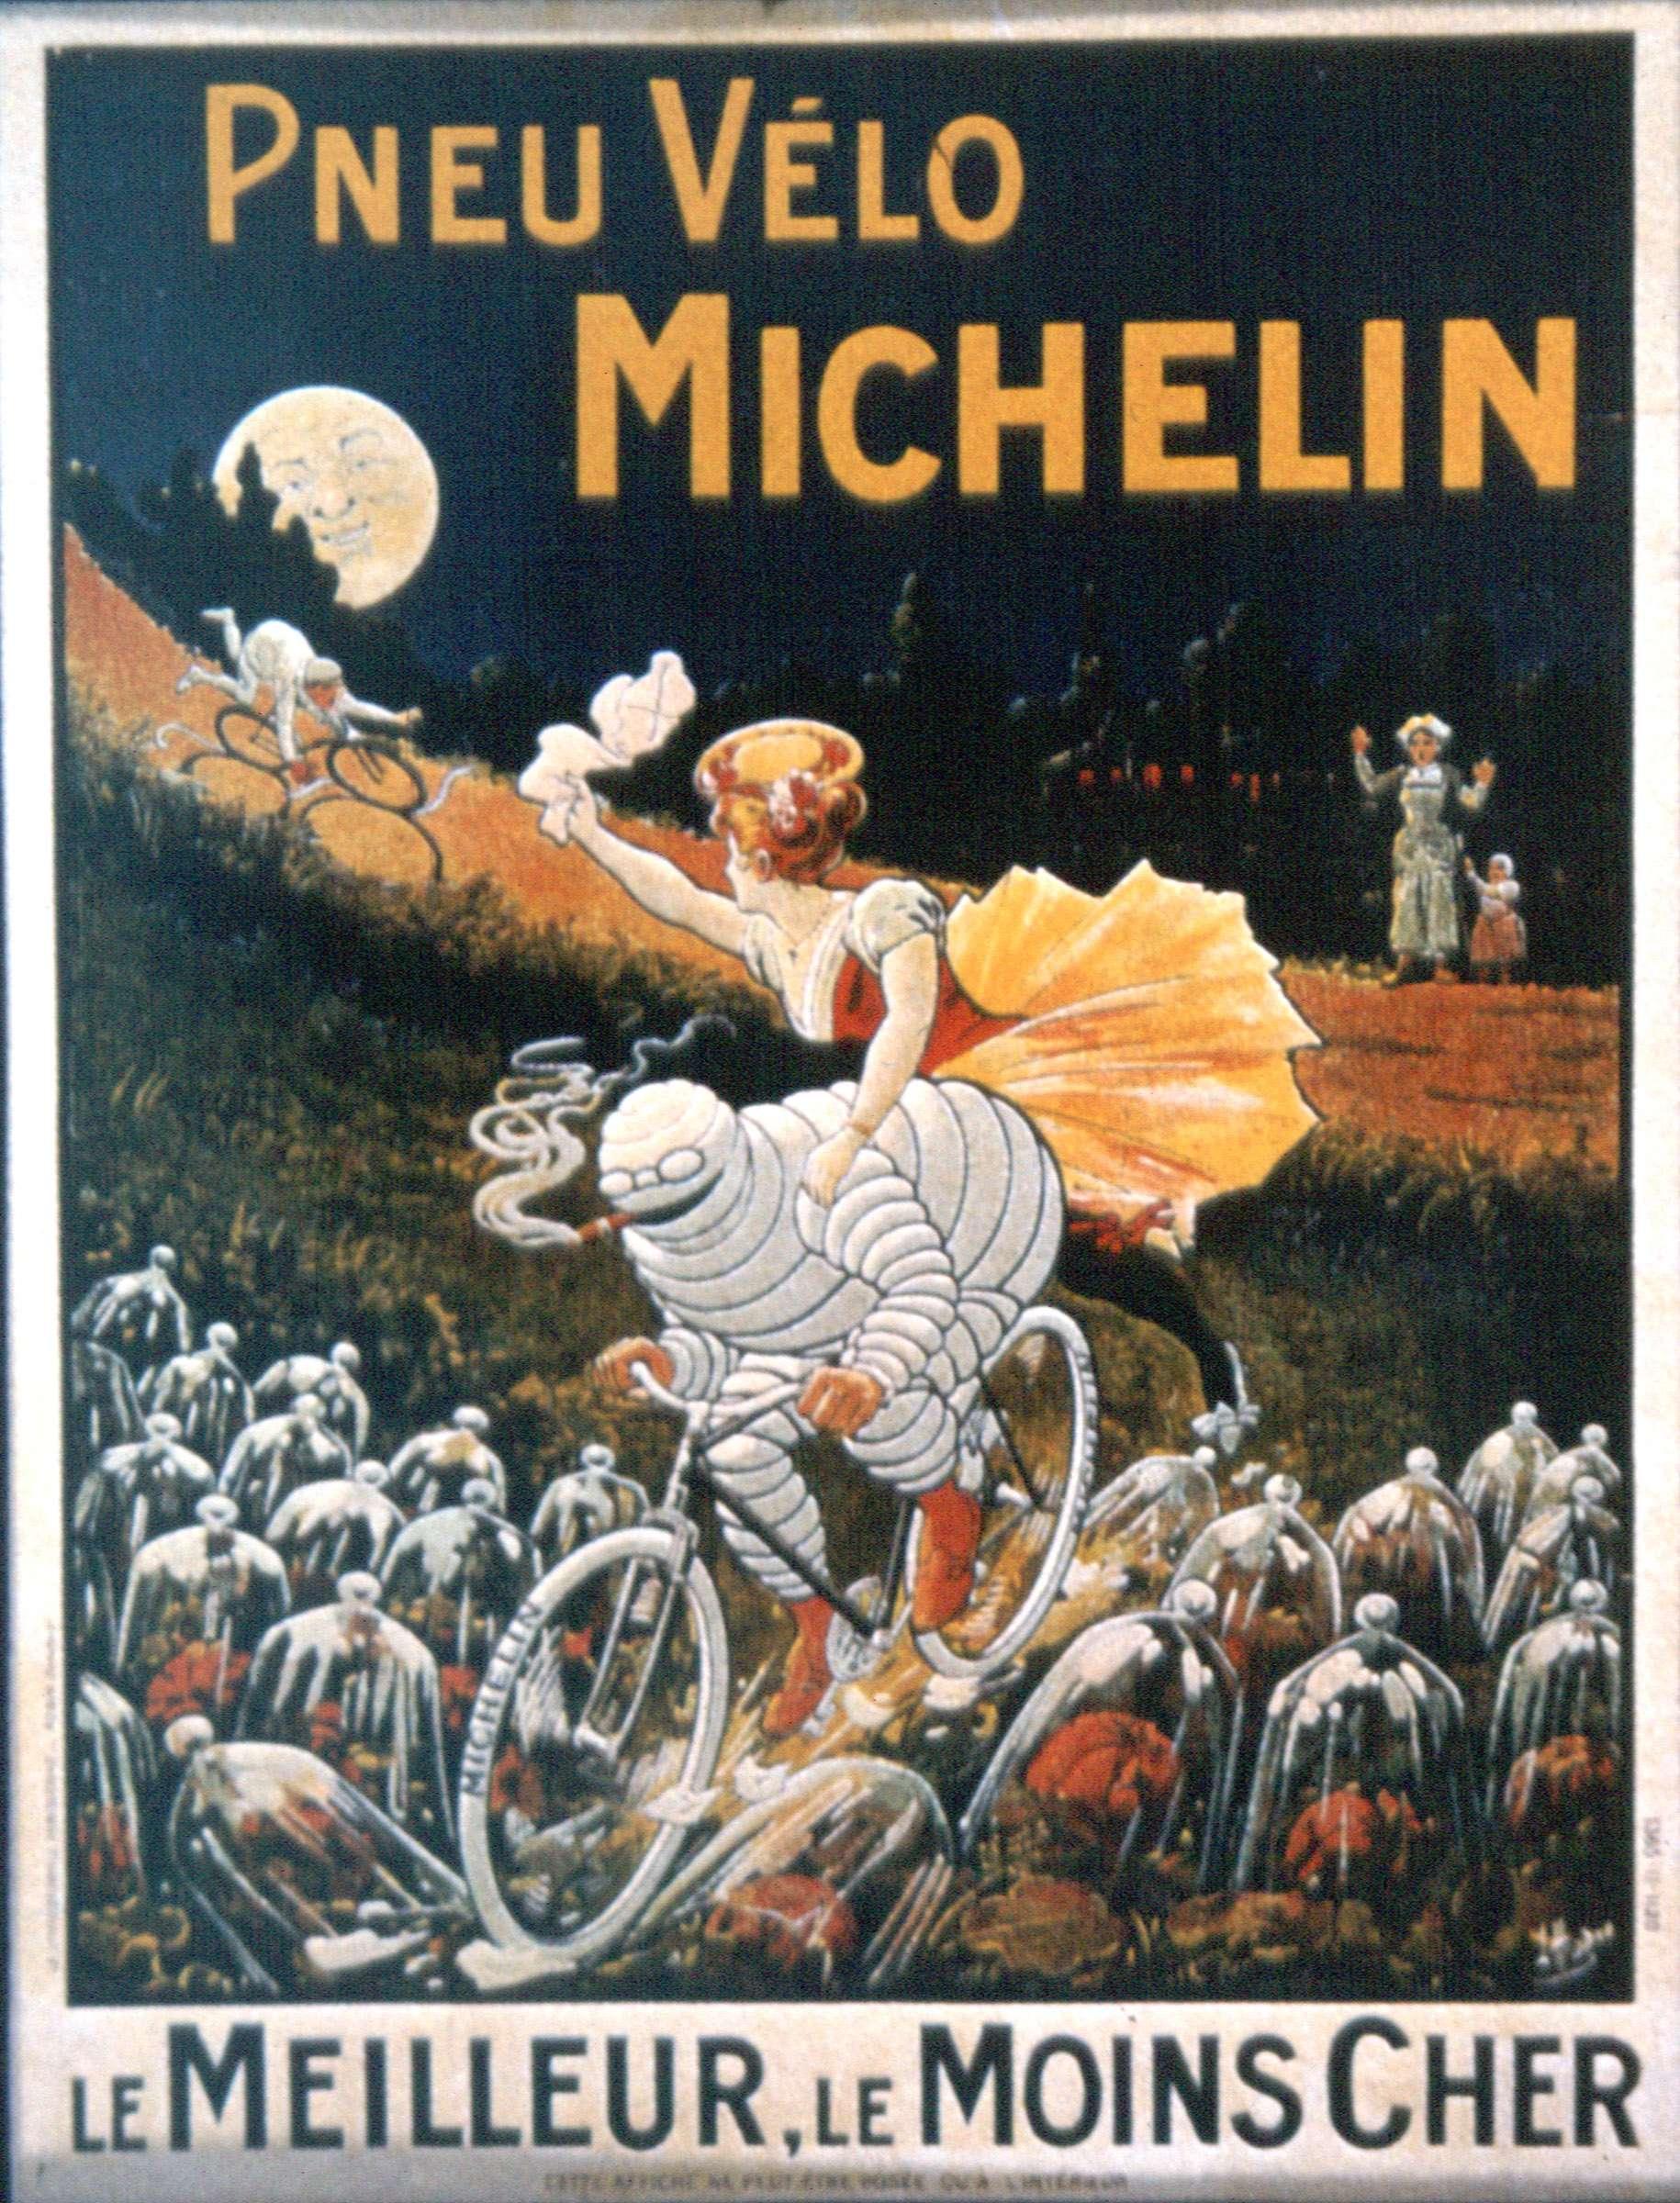 Έχοντας υπόψη το παράδειγμα της Michelin, το οποίο δεν αποτελεί εξαίρεση αλλά κανόνα, διαπιστώνει κανείς ότι η κερδοφορία των εταιρειών, ακόμη κι όταν αυξάνεται κατά 17%, επιφέρει περισσότερο συρρίκνωση παρά ανάπτυξη.